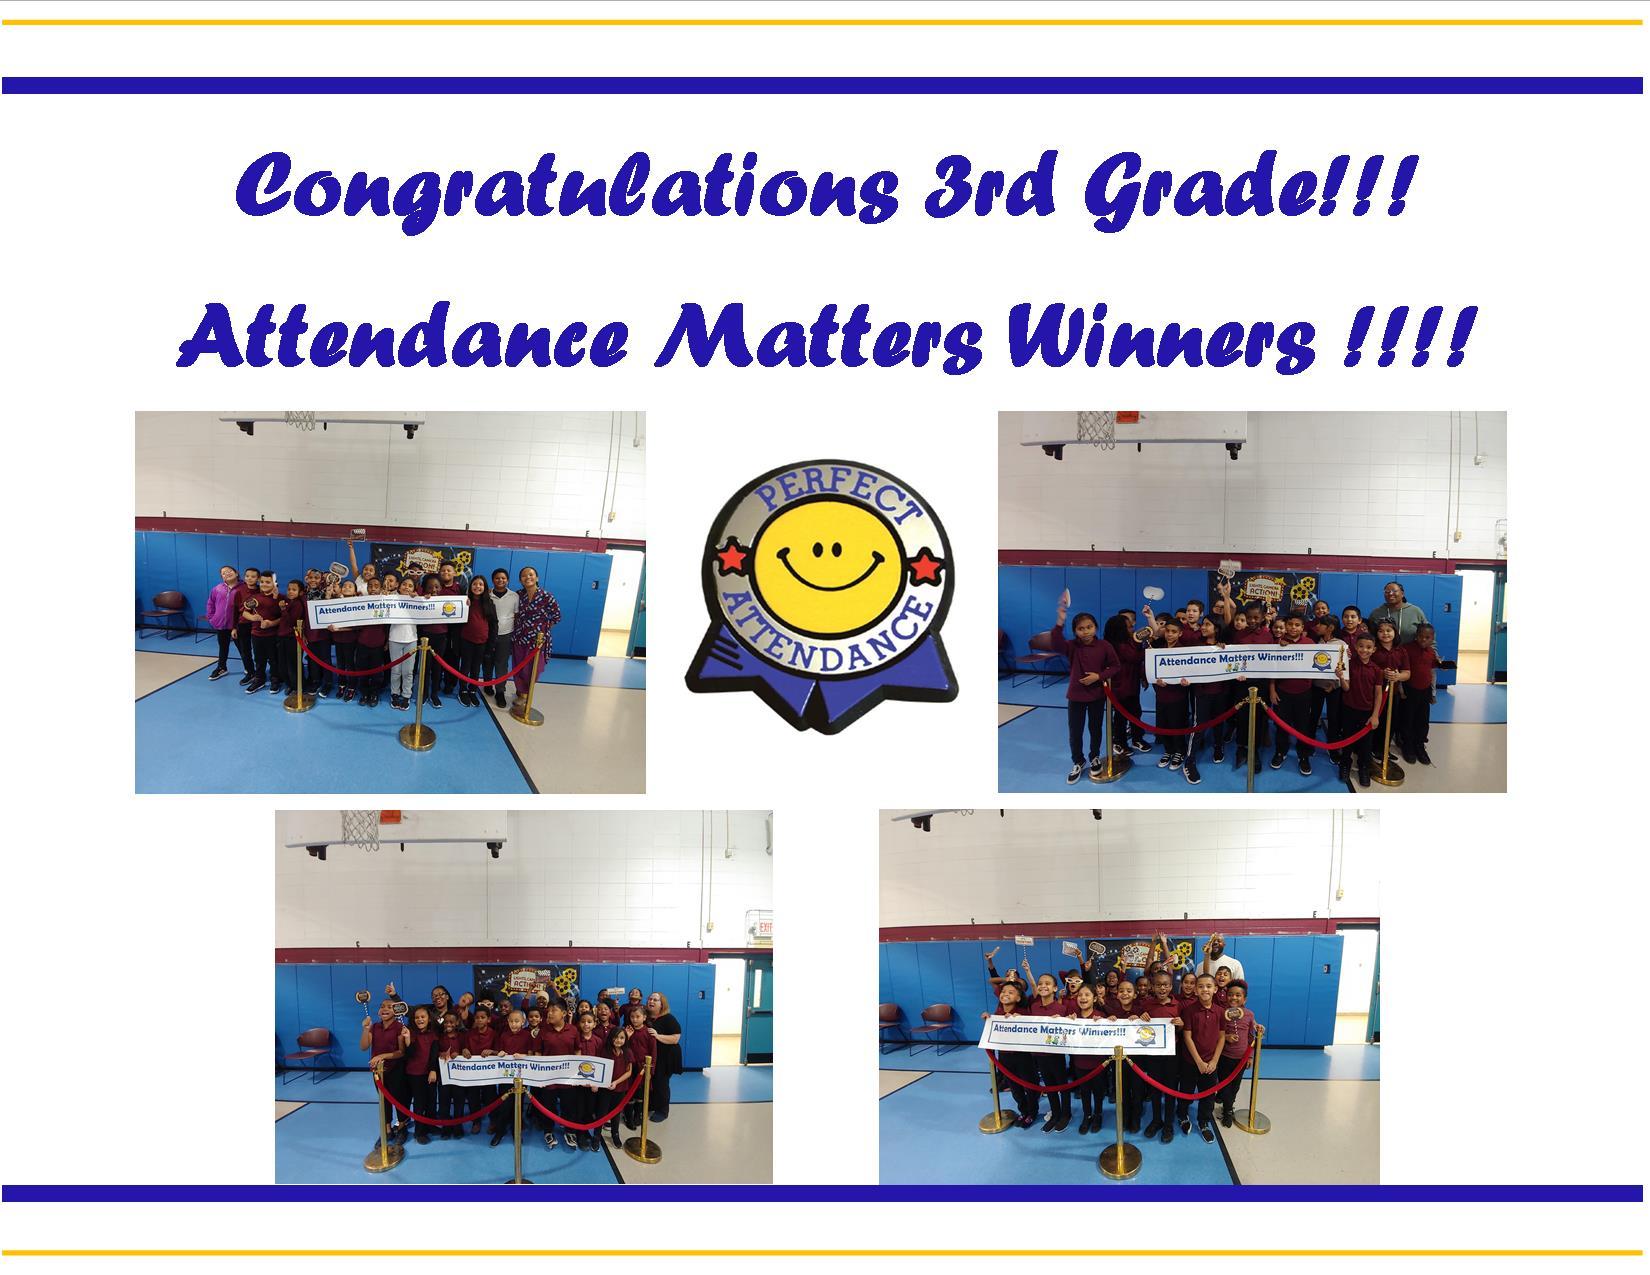 Congratulations 3rd Grade!!! Attendance Matters Winners!!!!